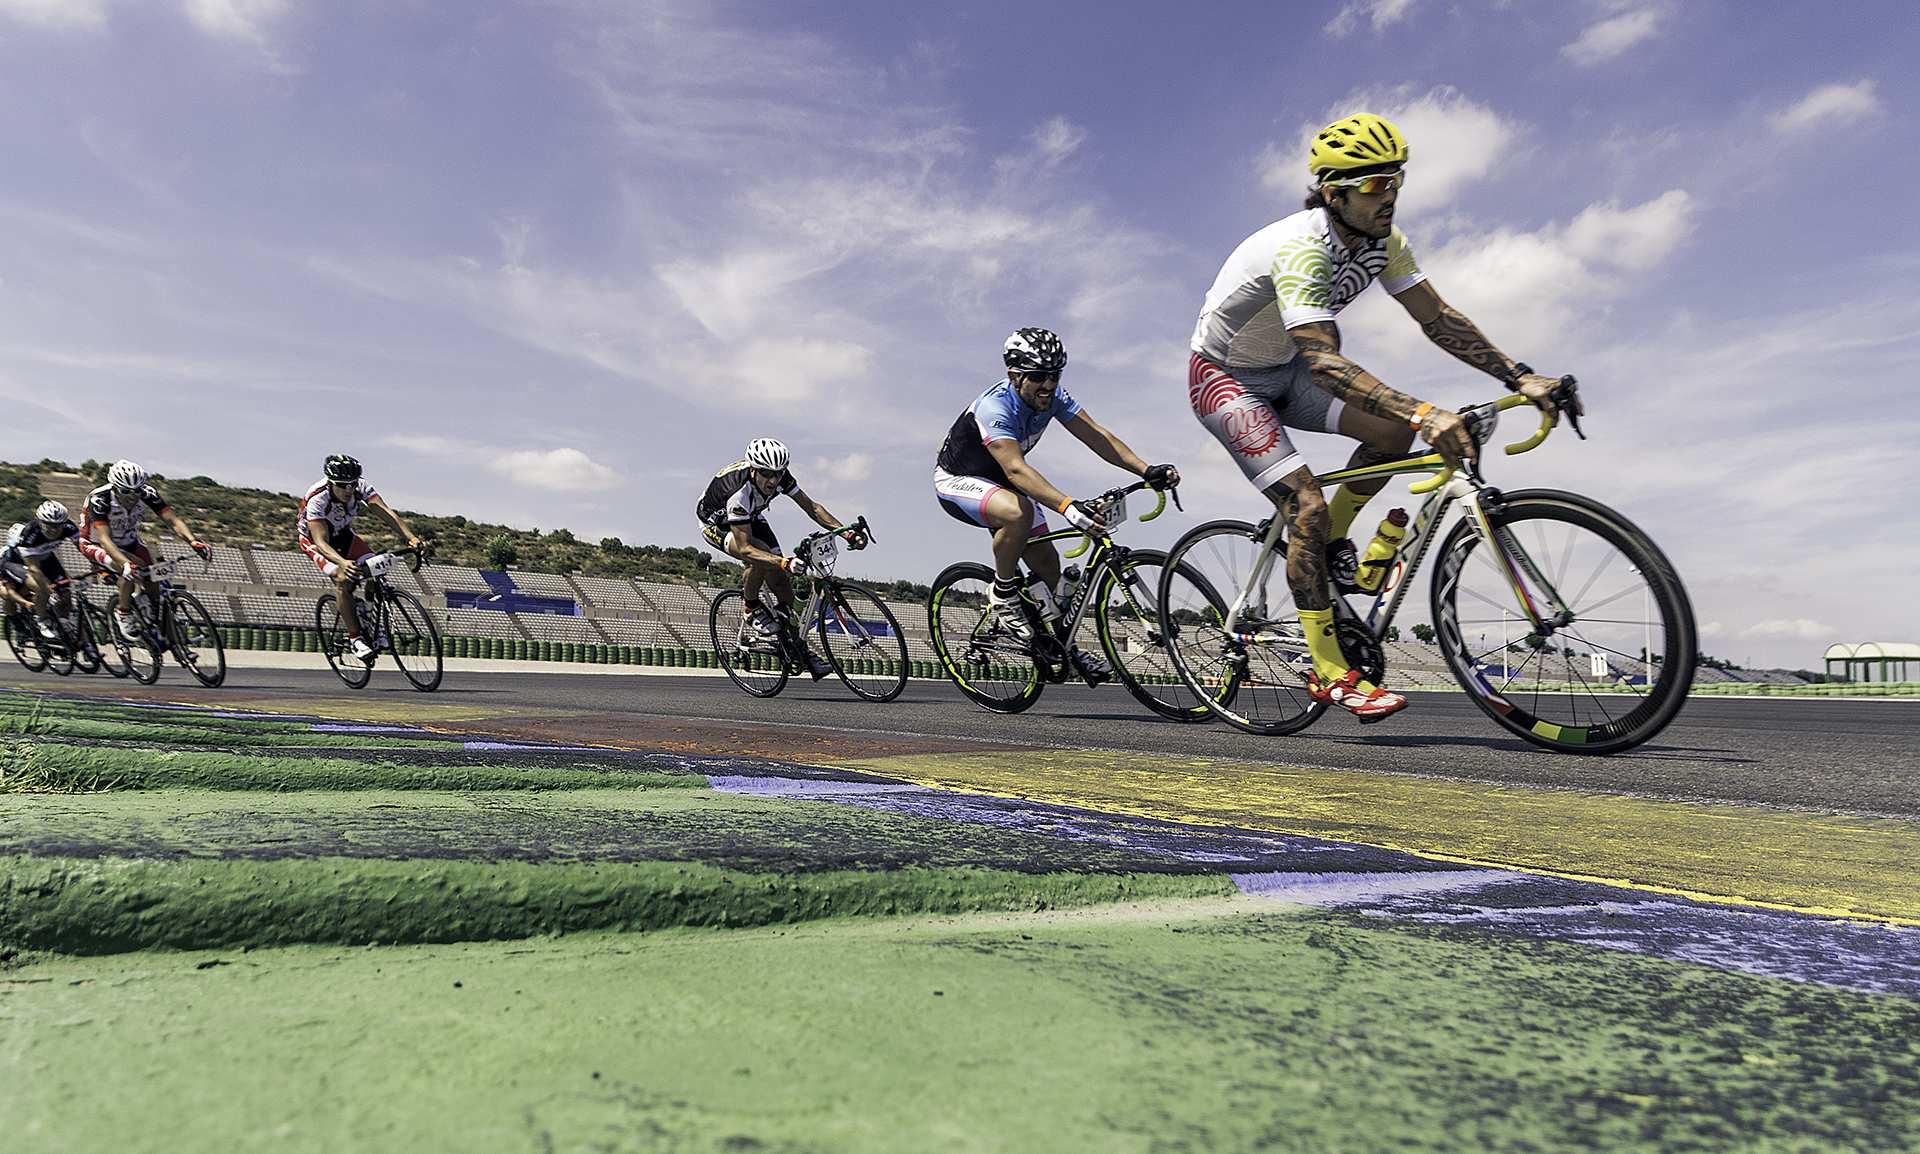 Campeonato Ciclismo Cheste